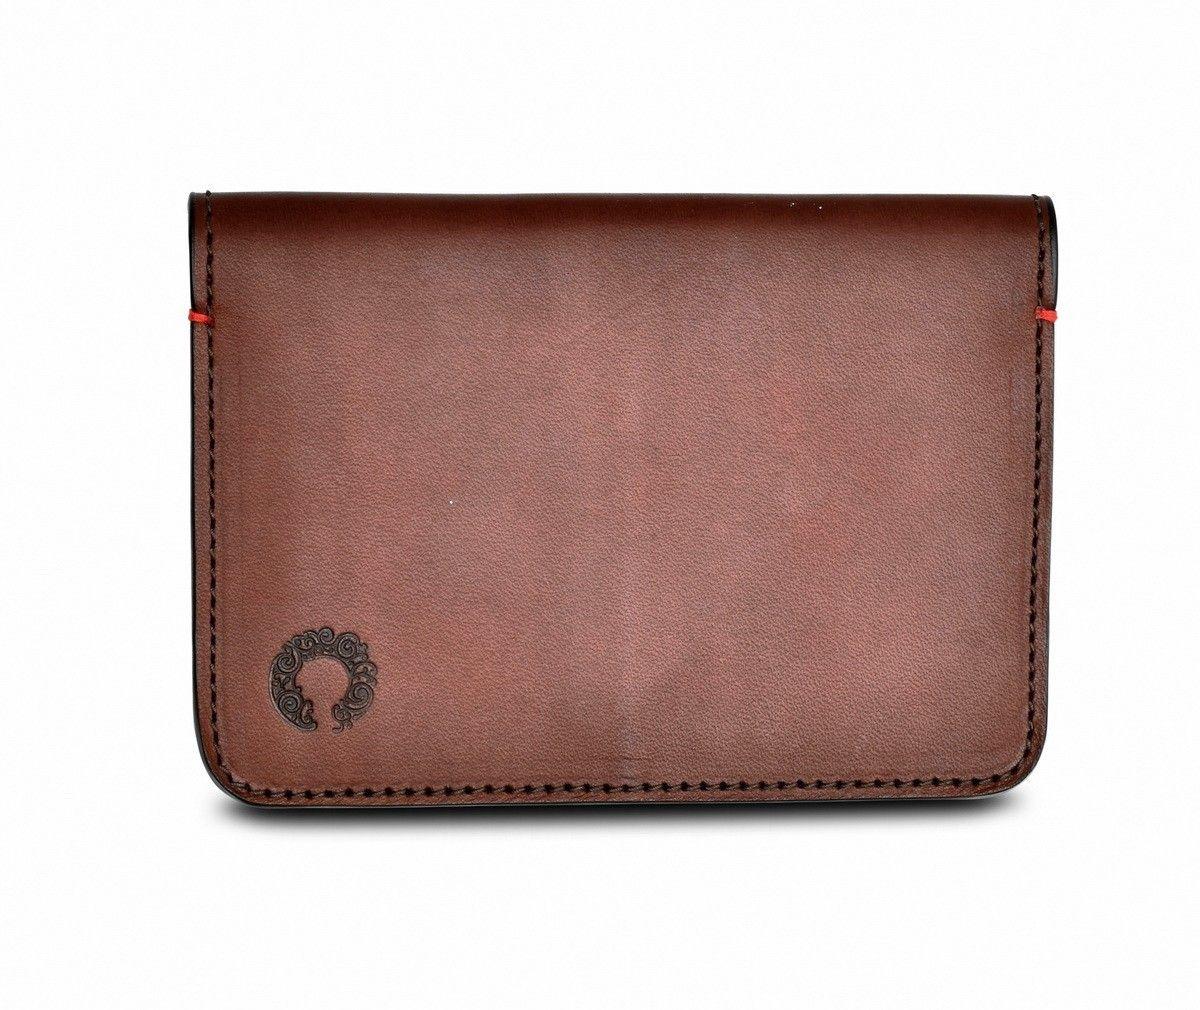 Croots - Leder Passport Holder - Vintage Leather - Port